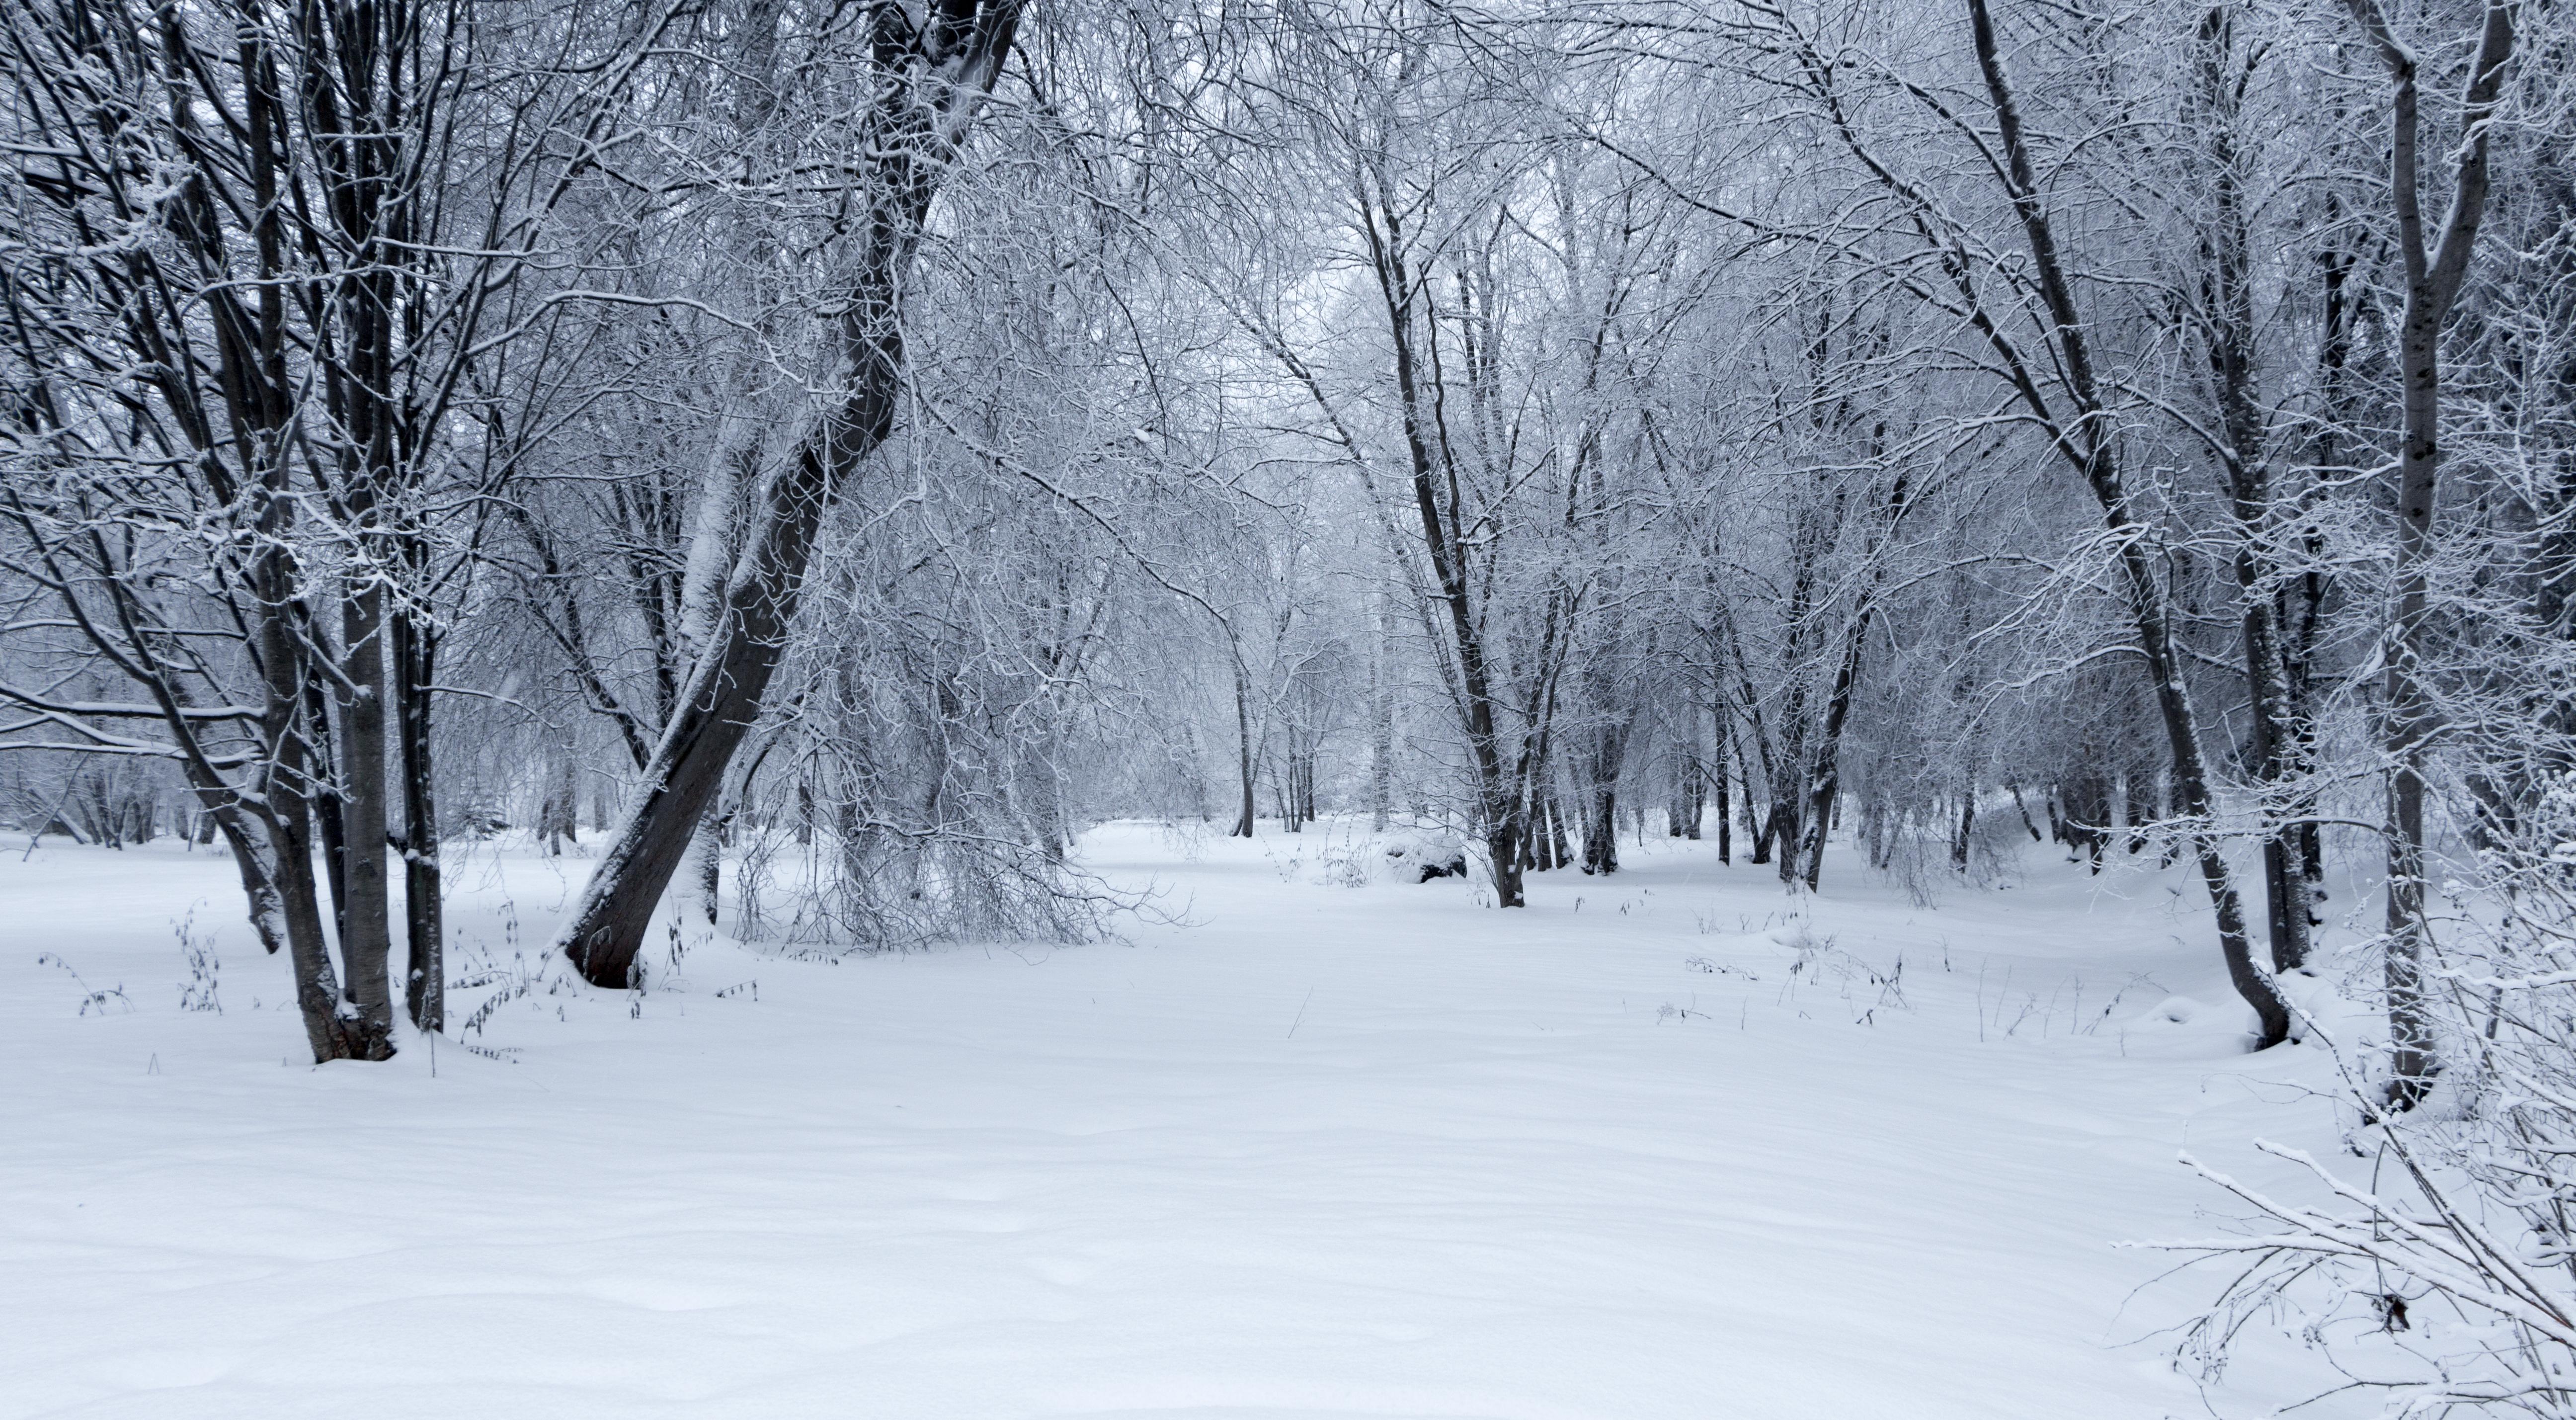 Winter Landscape by Jarzka on DeviantArt